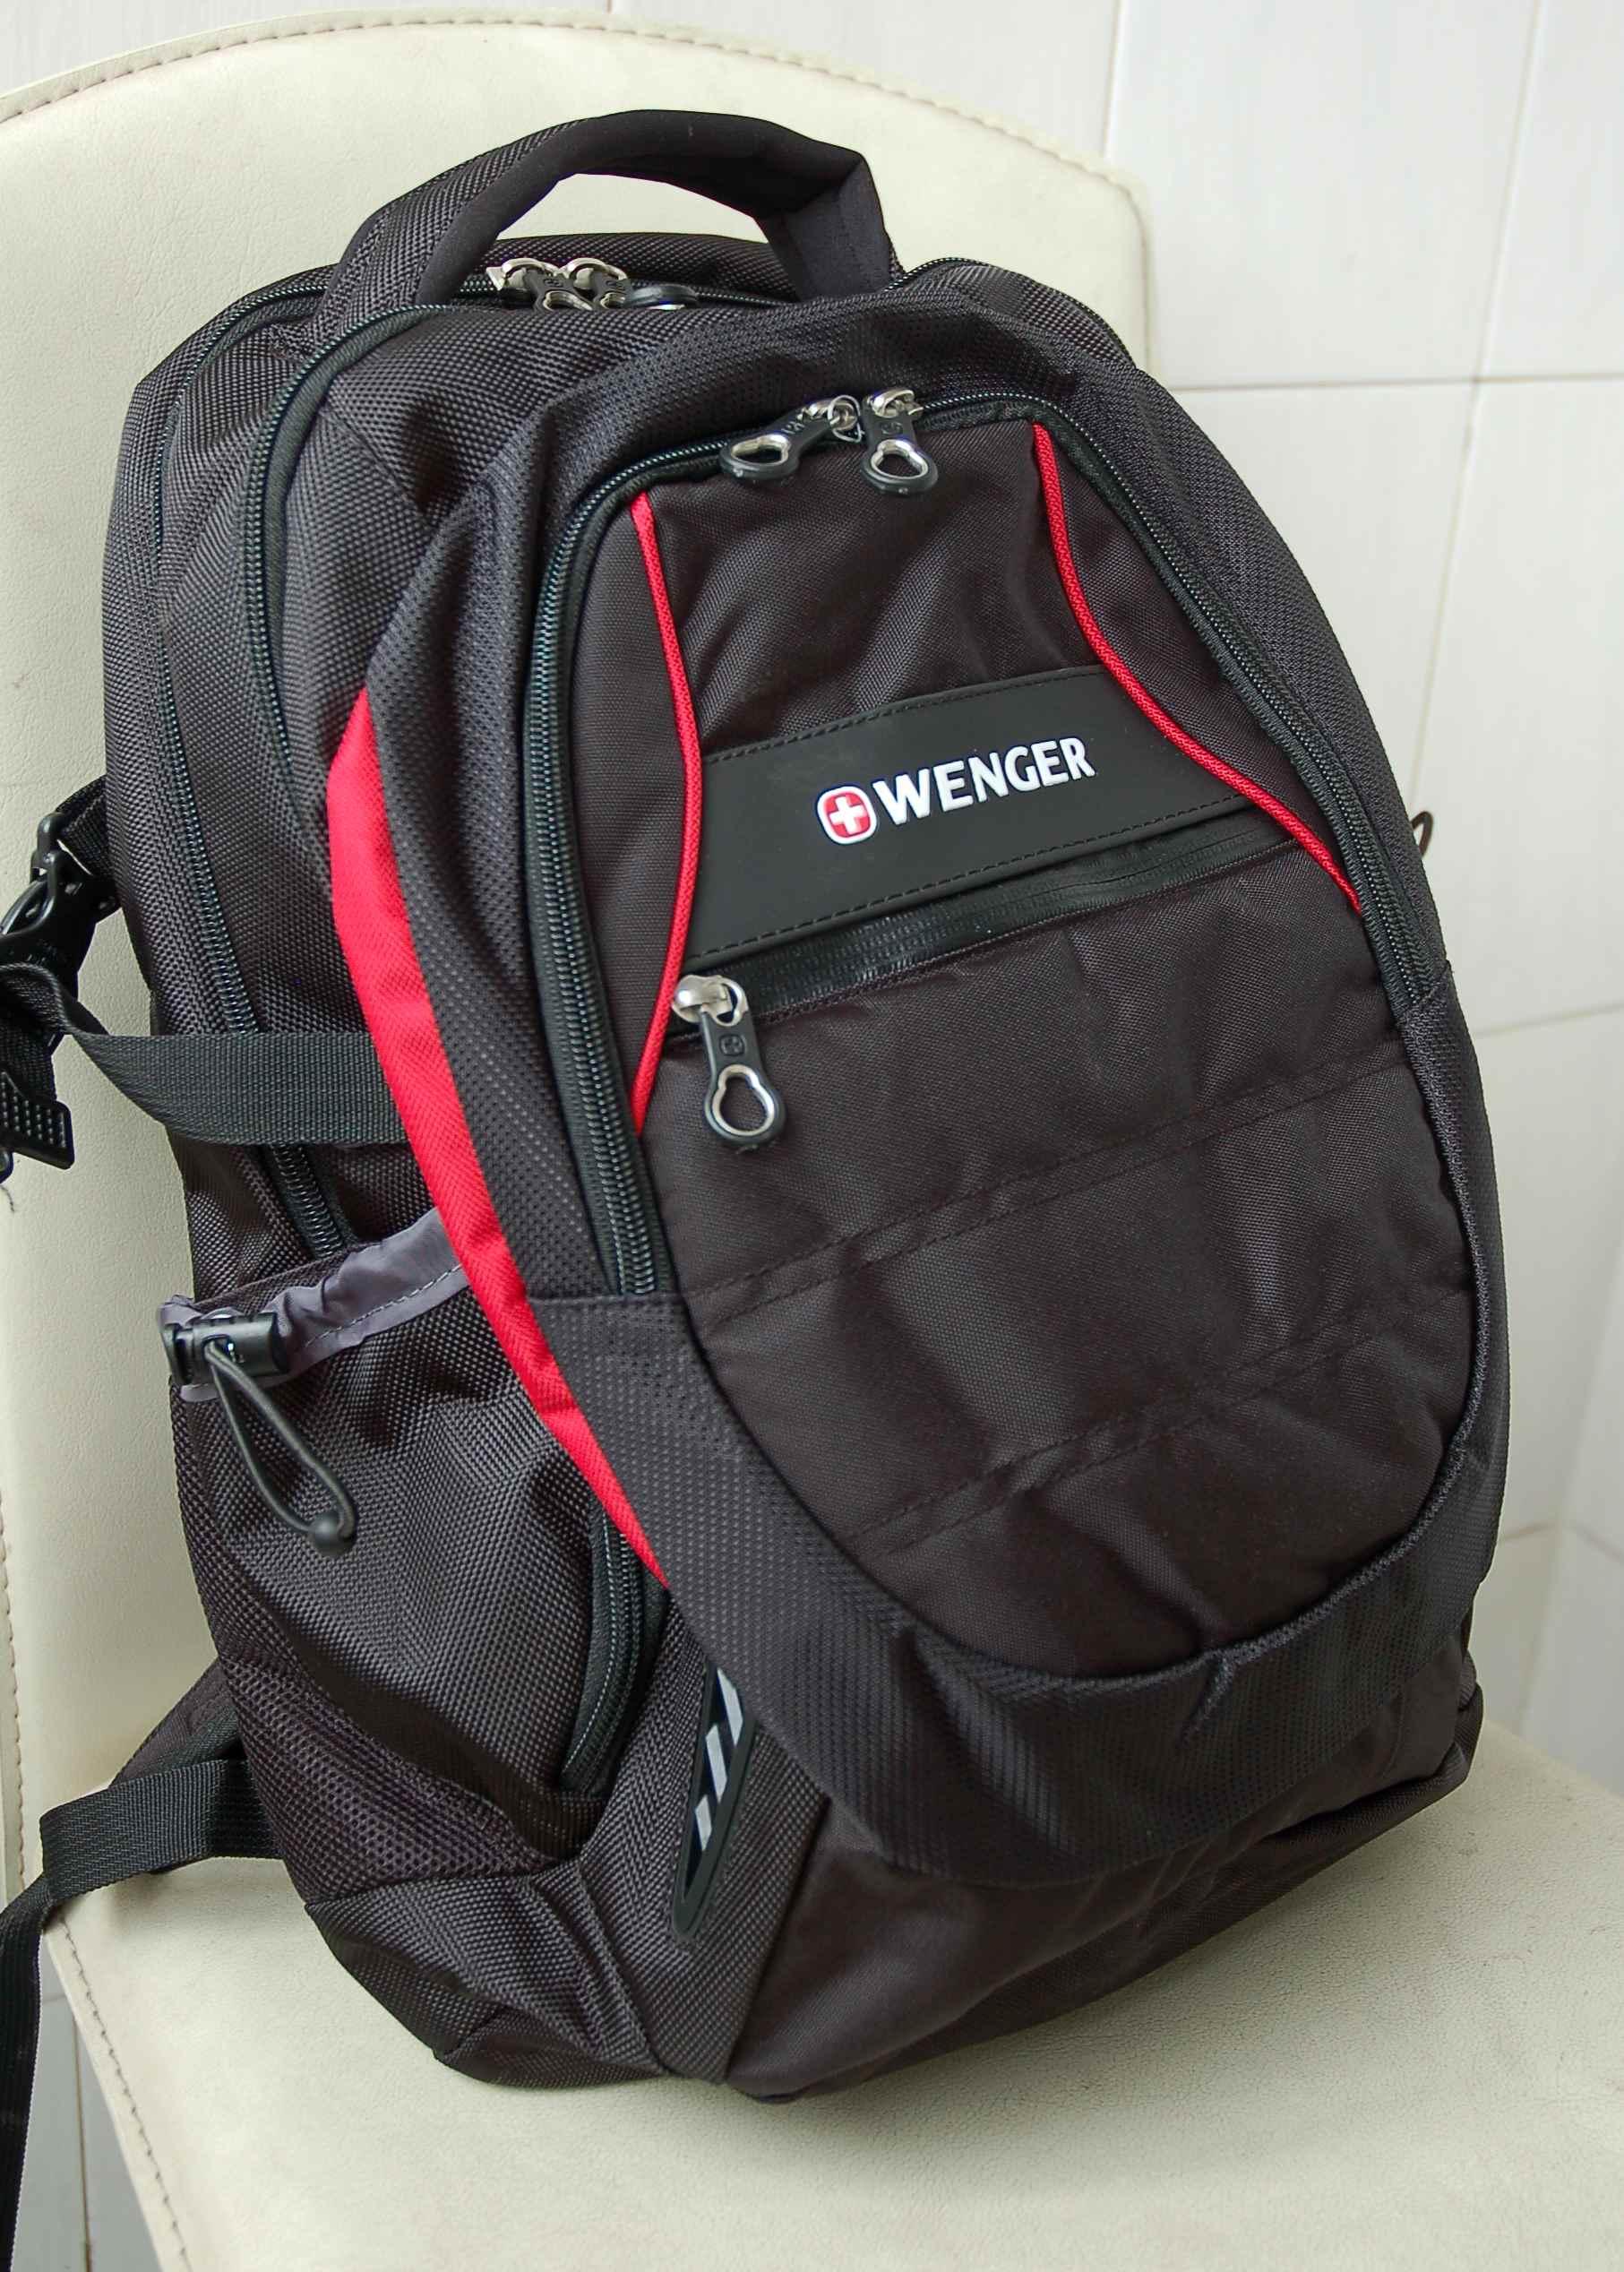 瑞士军刀威戈wenger涤纶14寸电脑背包sab87510190048